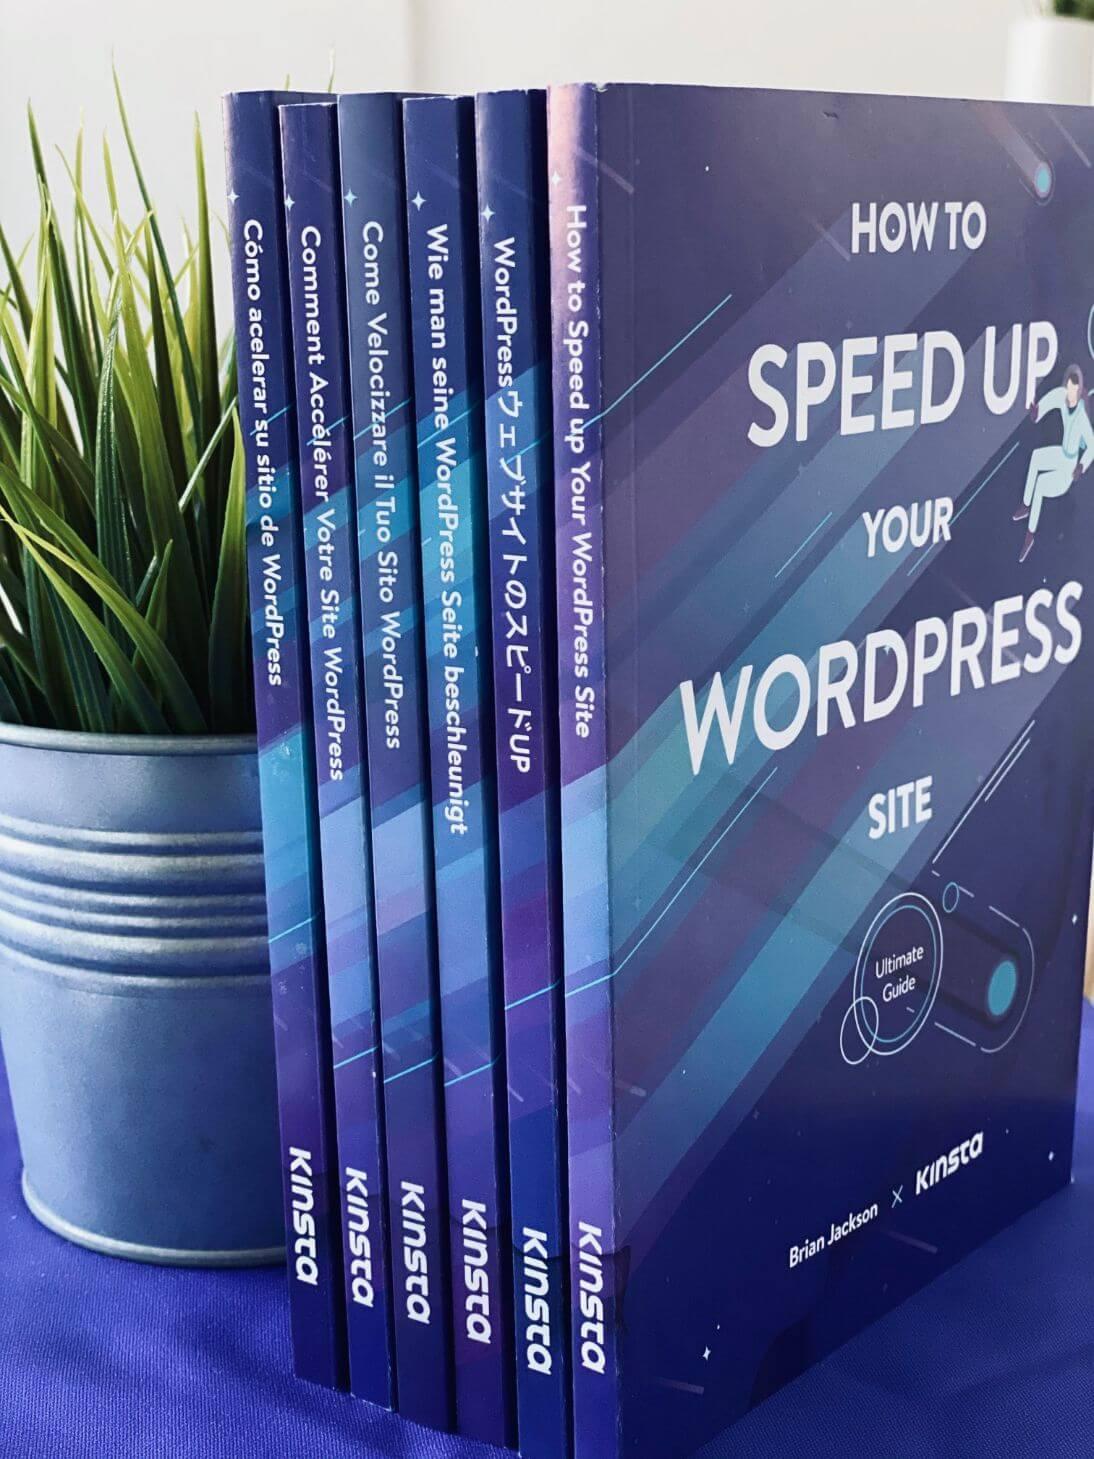 Böcker om hur du kan öka hastigheten på din WordPress-webbplats